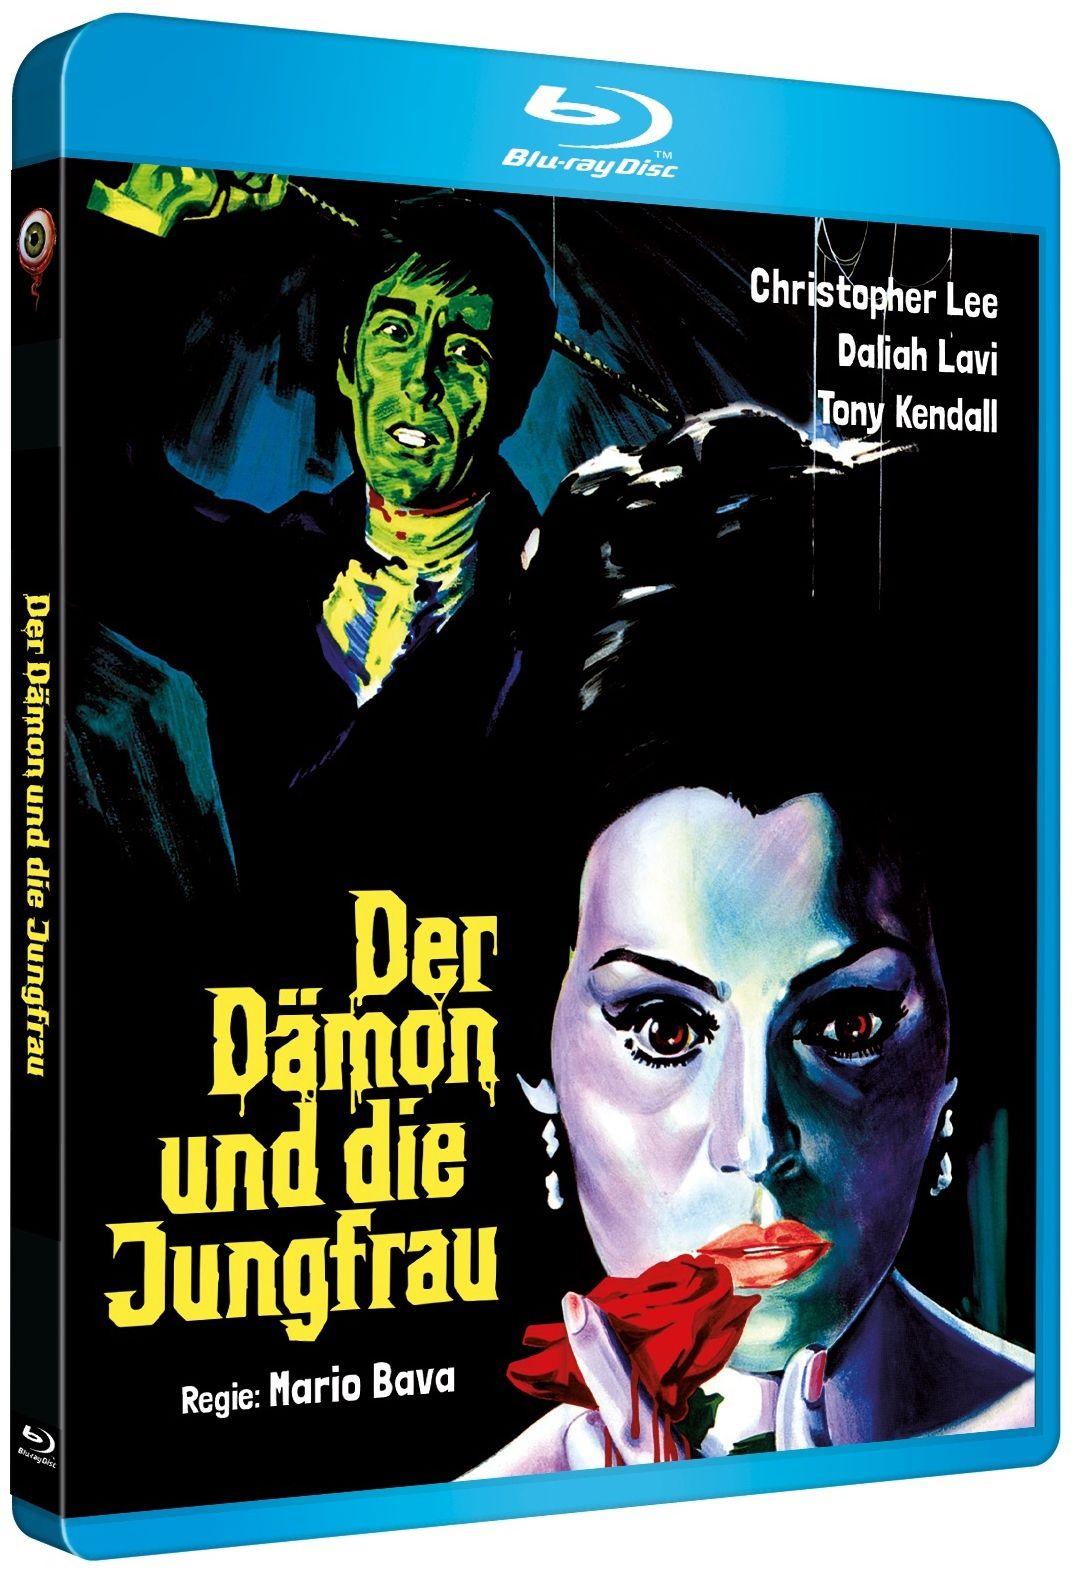 Dämon und die Jungfrau, Der (Lim. Edition - Cover B) (BLURAY)